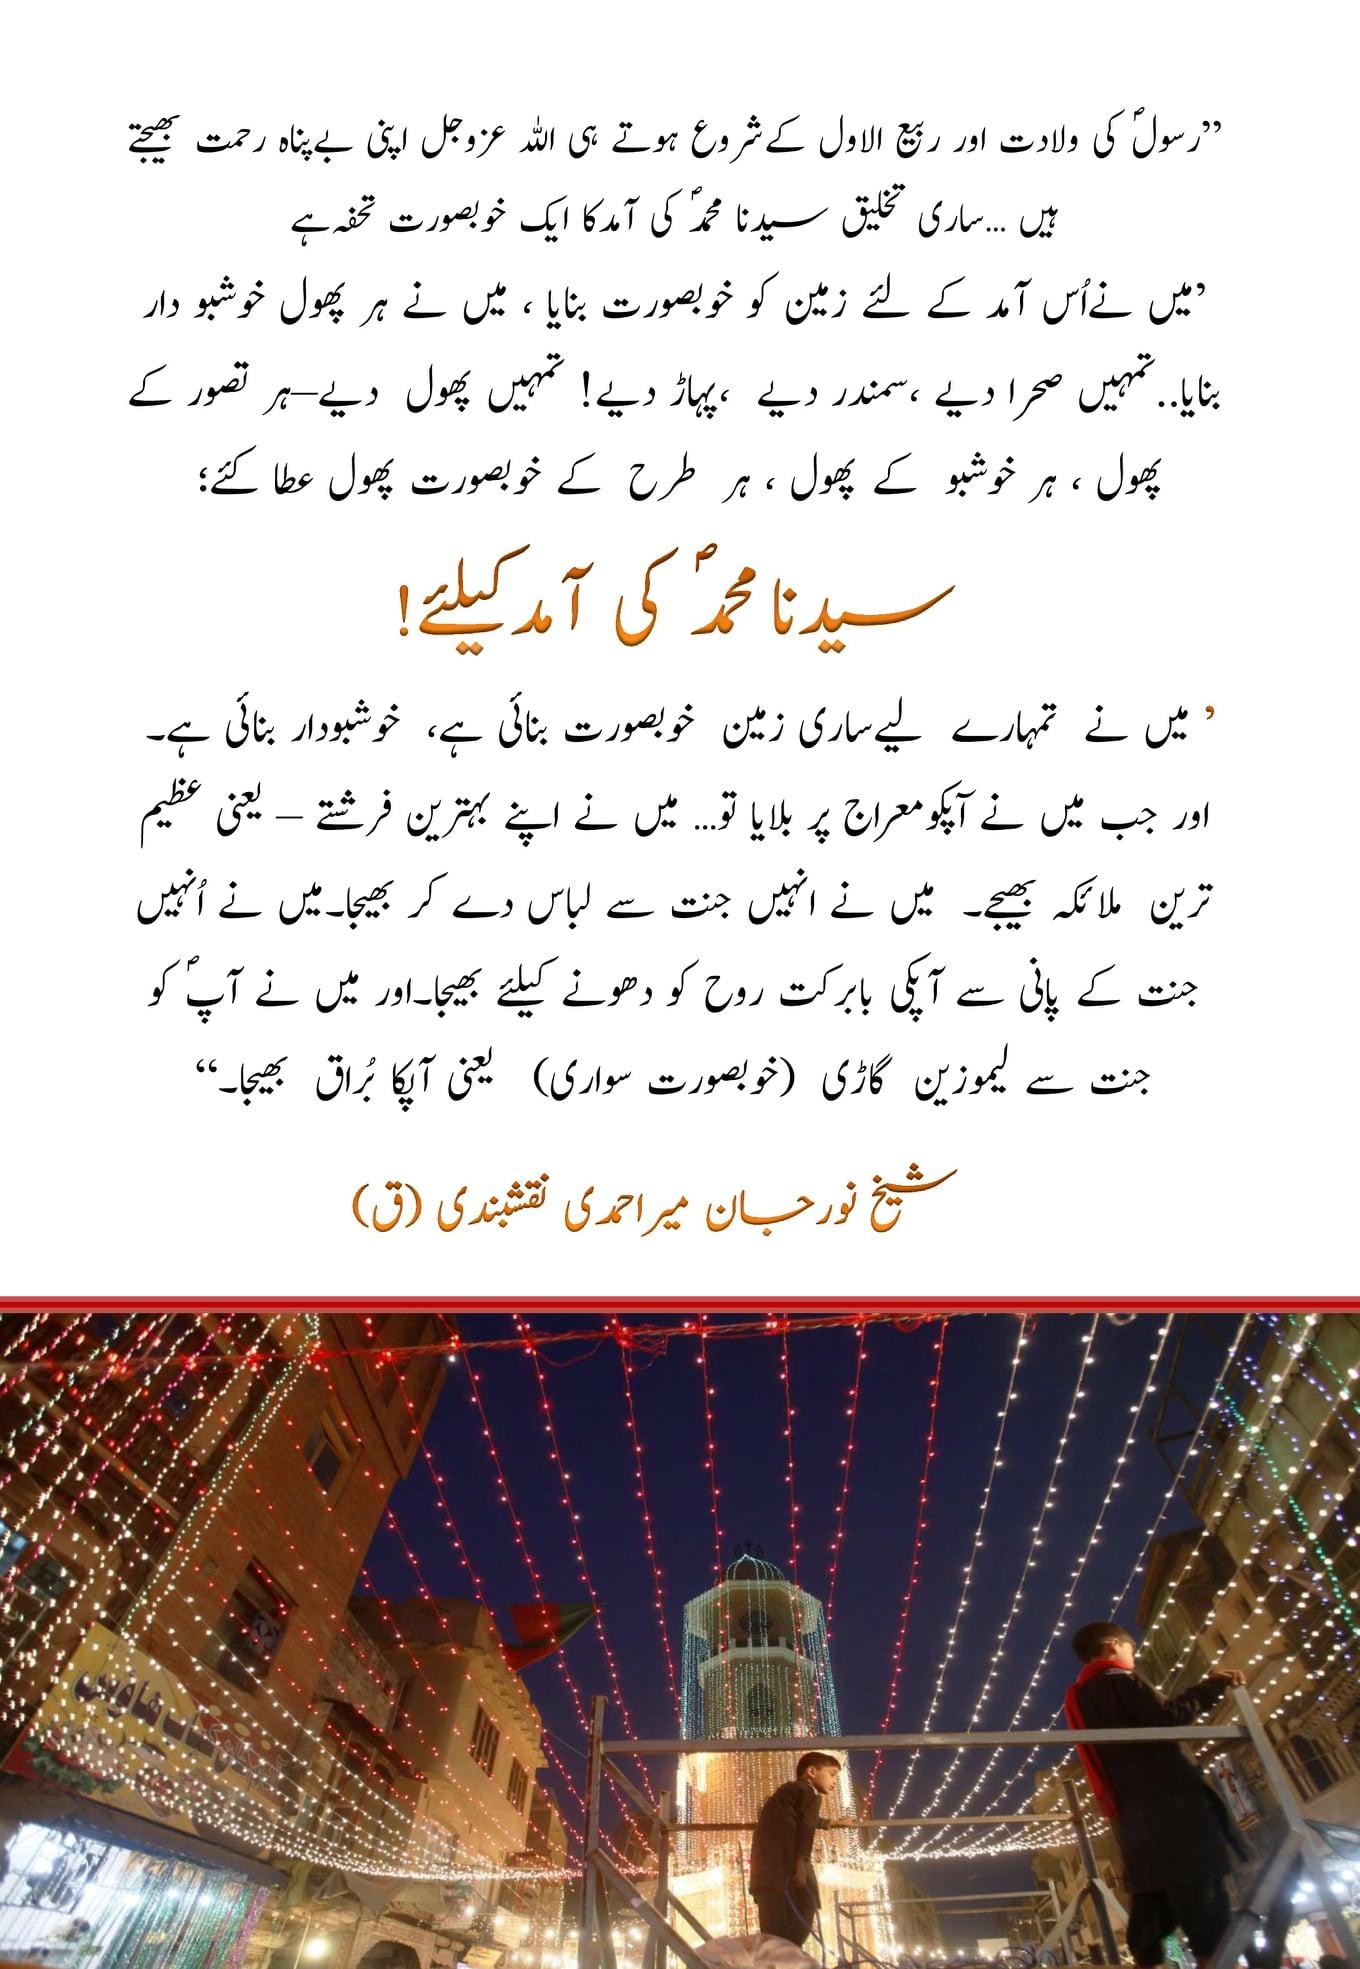 """"""" رسولؐ کی ولادت  اور ربیع الاول کےشروع ہوتے ہی  اللہ عزوجل اپنی بےپناہ رحمت بھی..."""